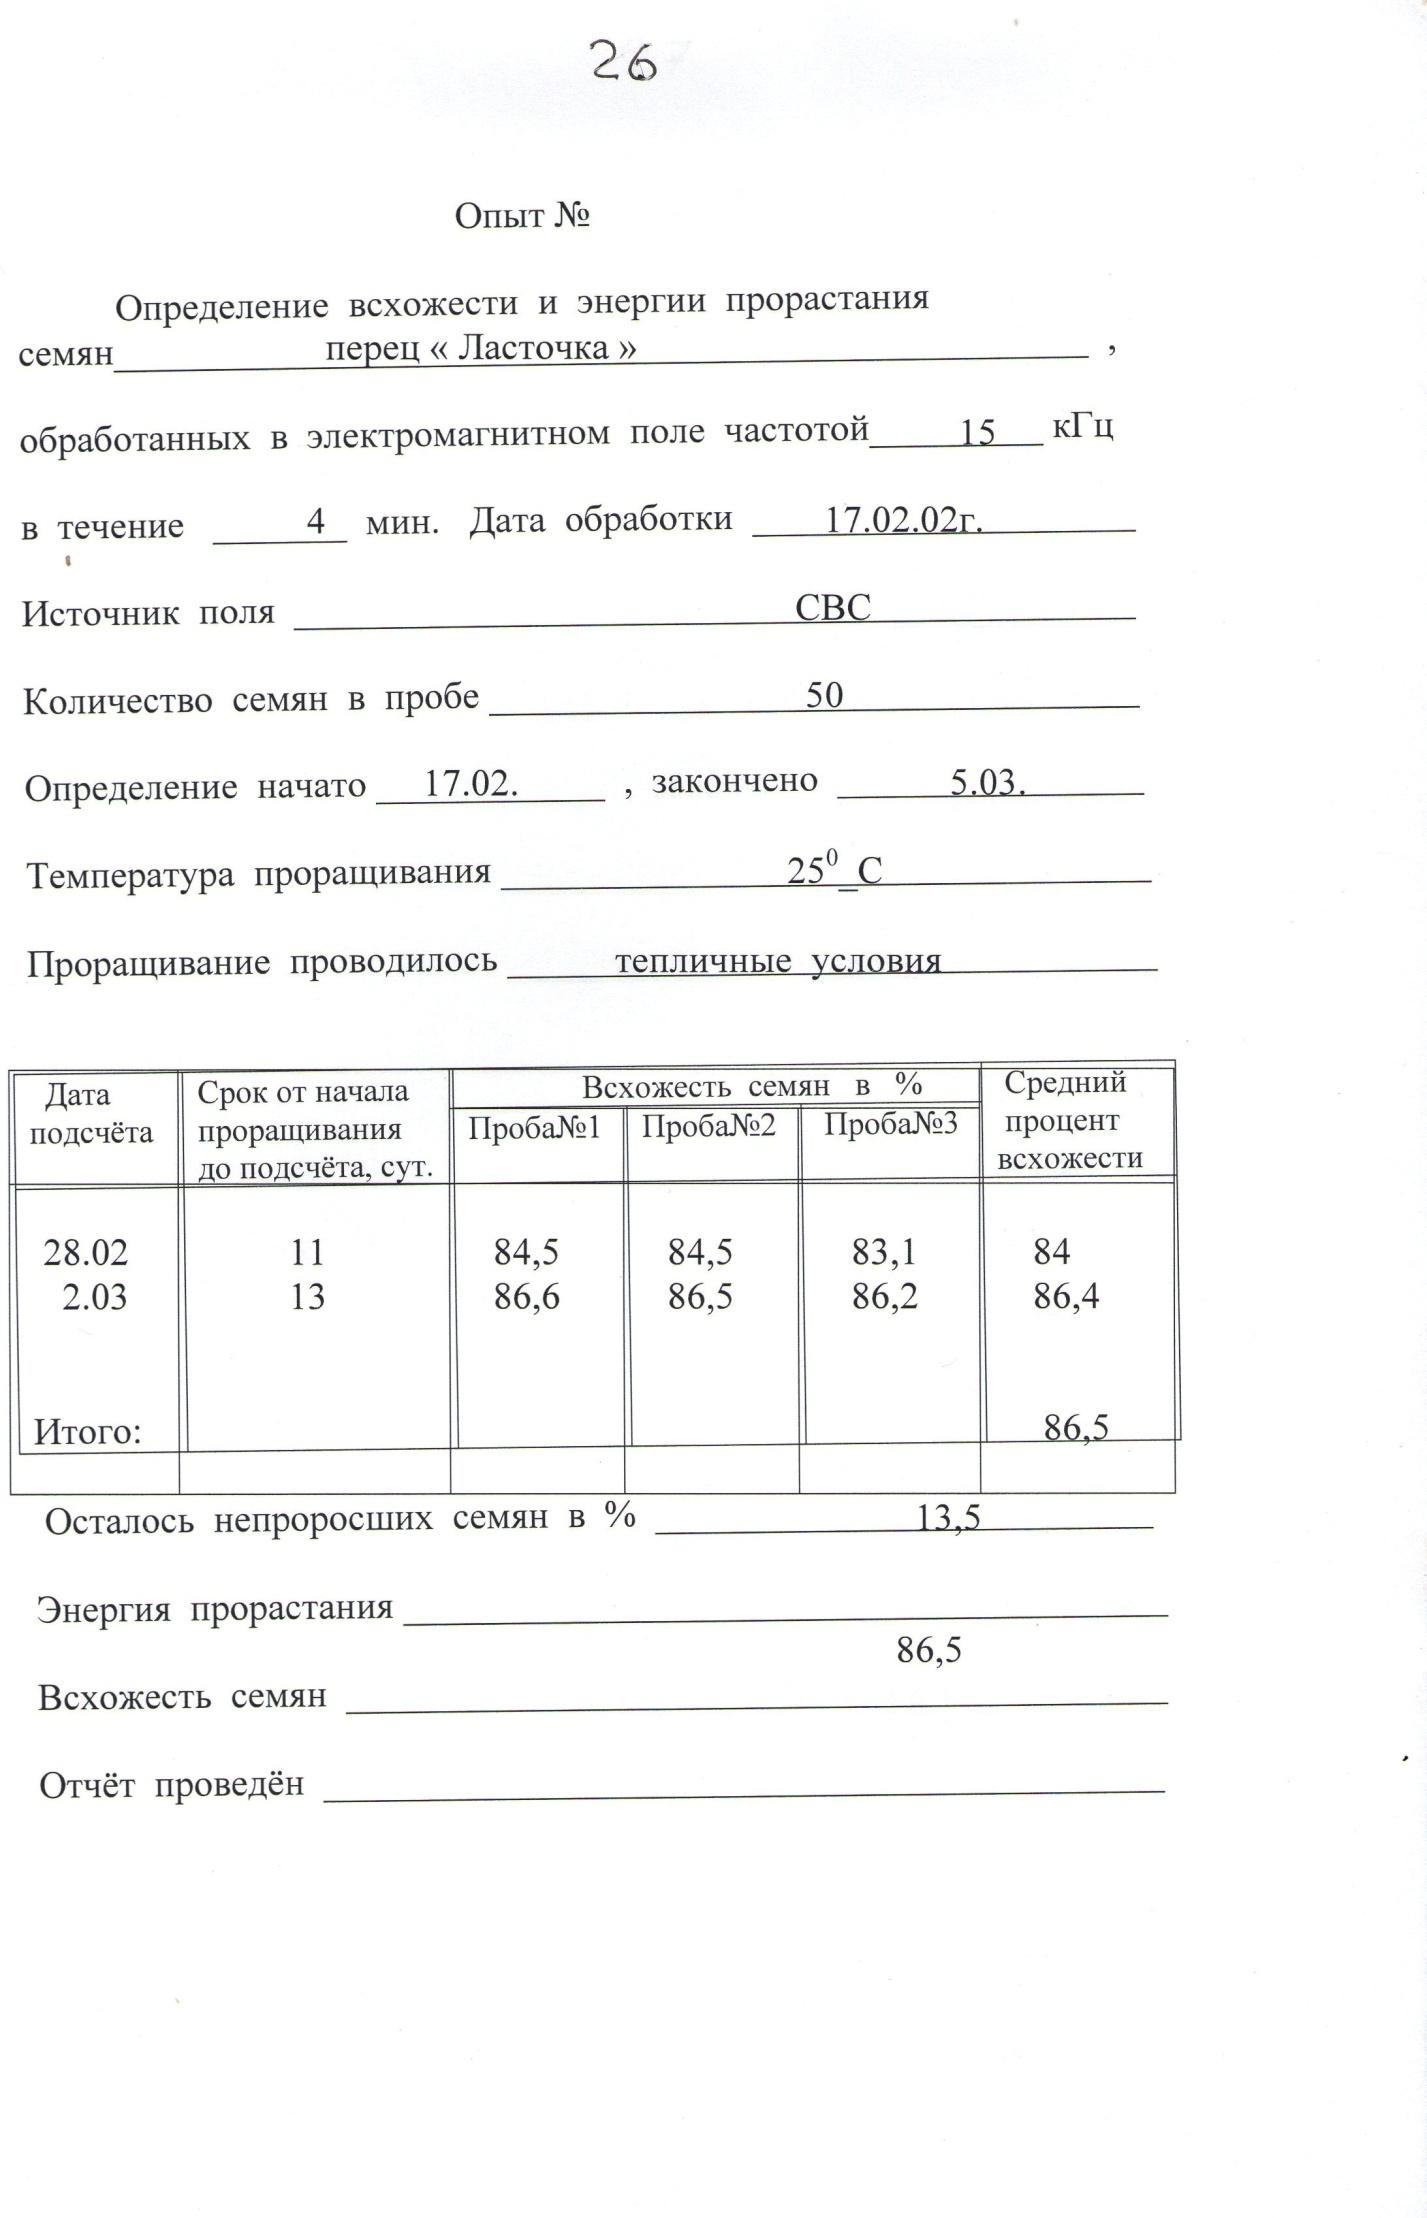 D:\Documents and Settings\СЕРГЕЙ\Мои документы\Мои рисунки\img753.jpg